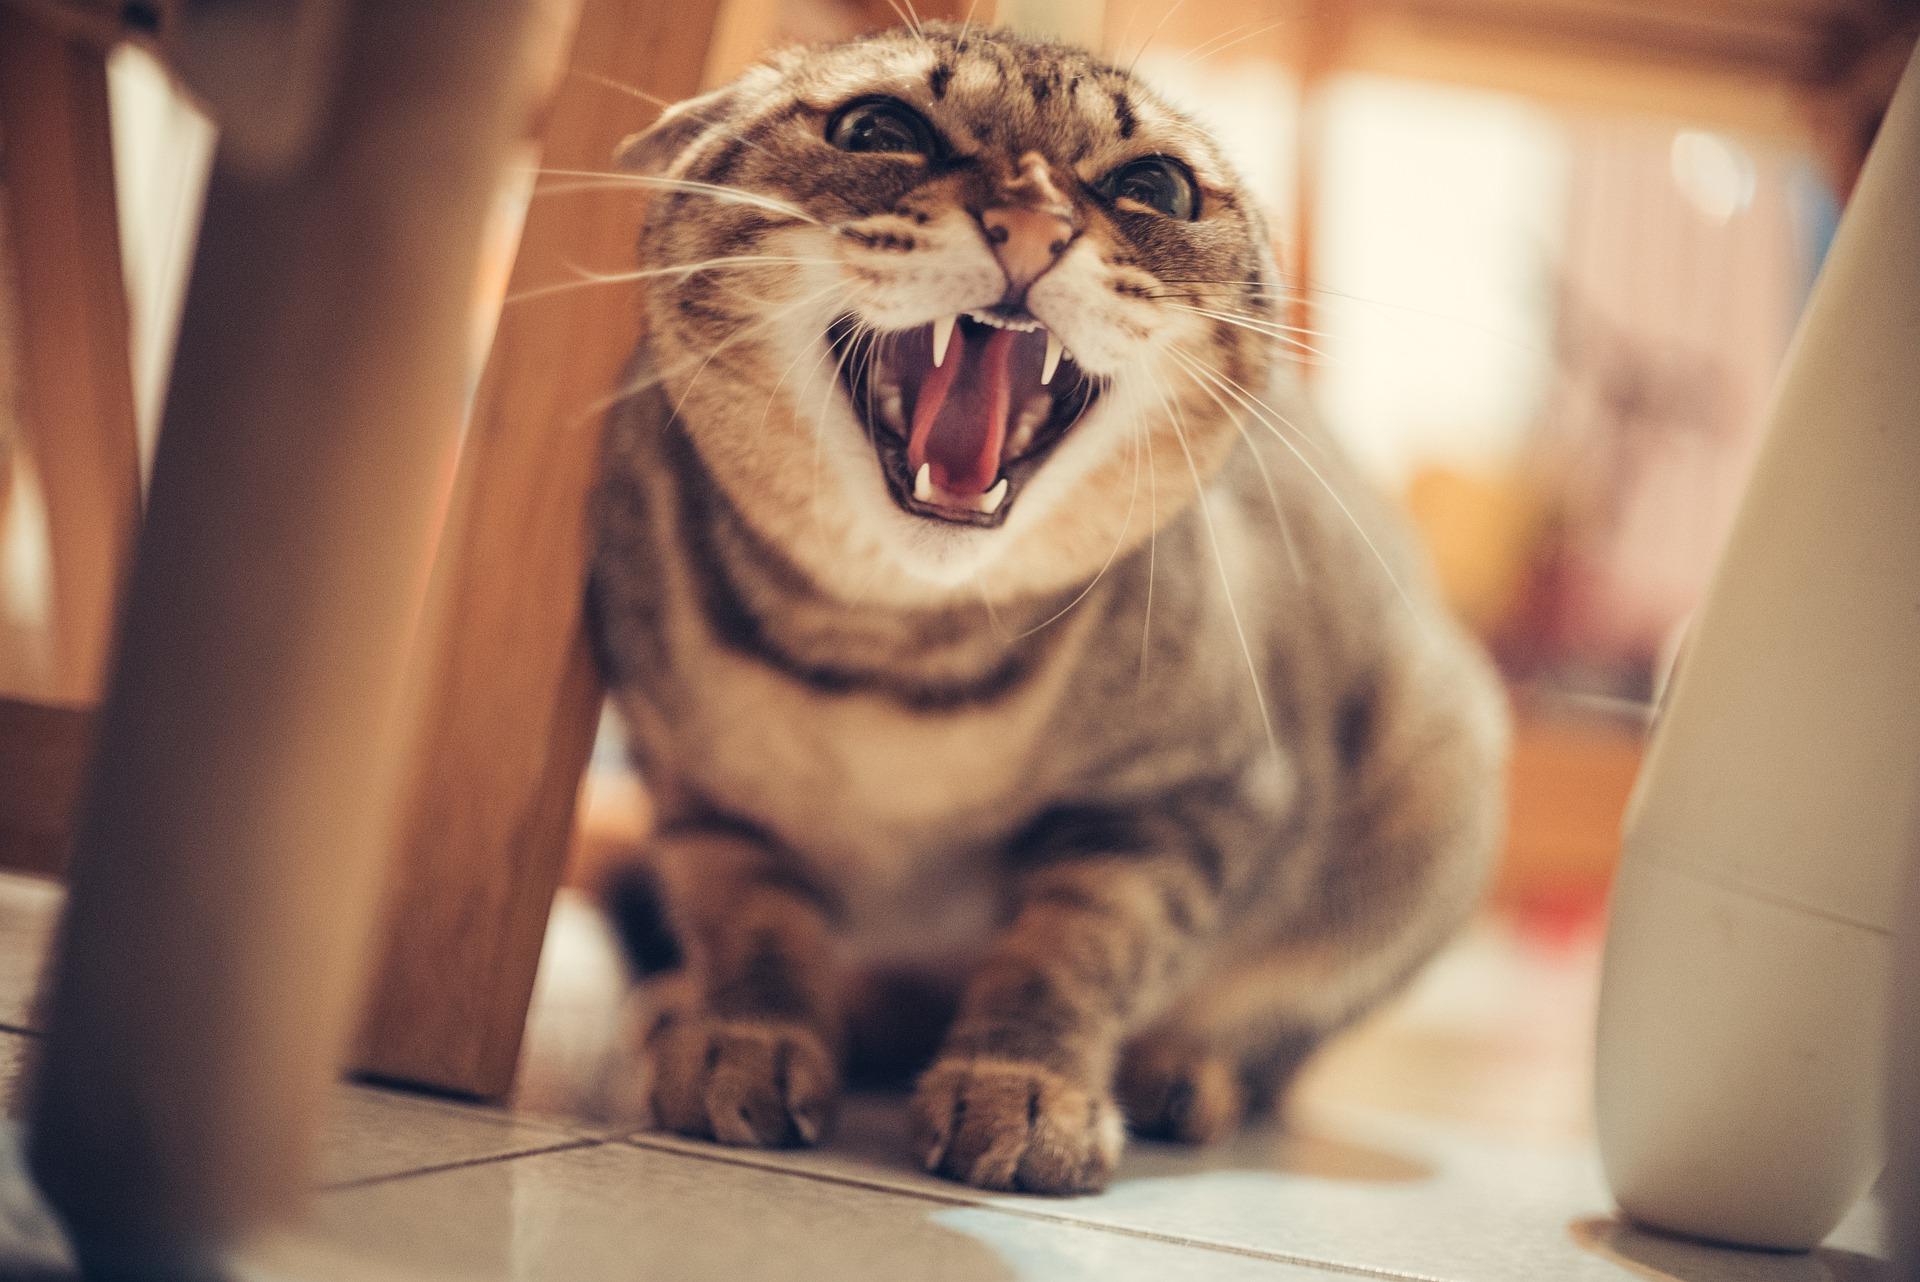 Valós veszély otthonunkban a macskatámadás?